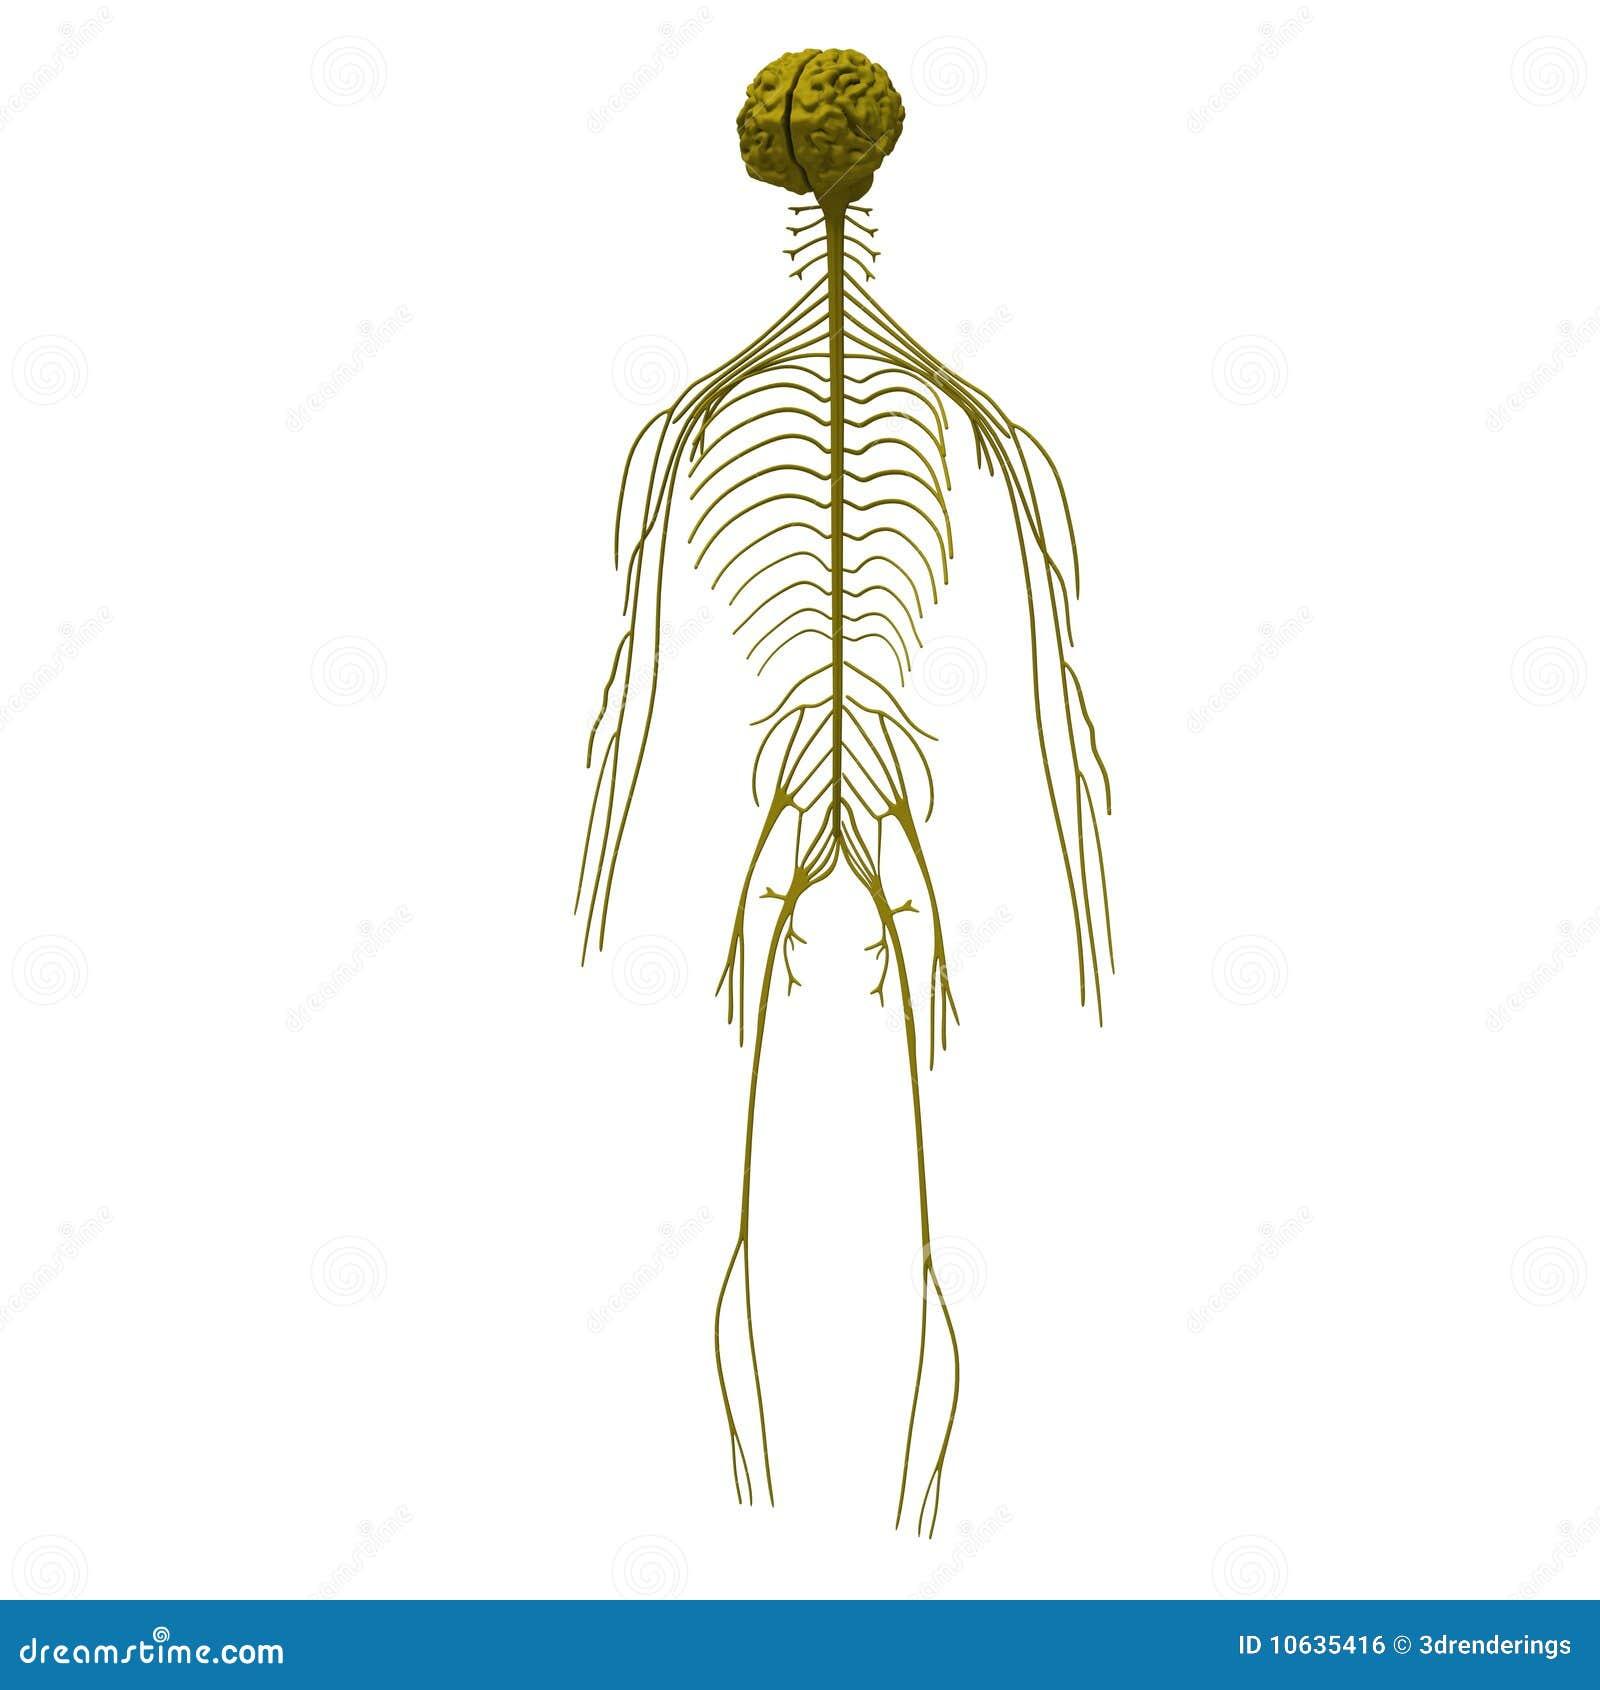 Peripheres Nervensystem Der Mensch